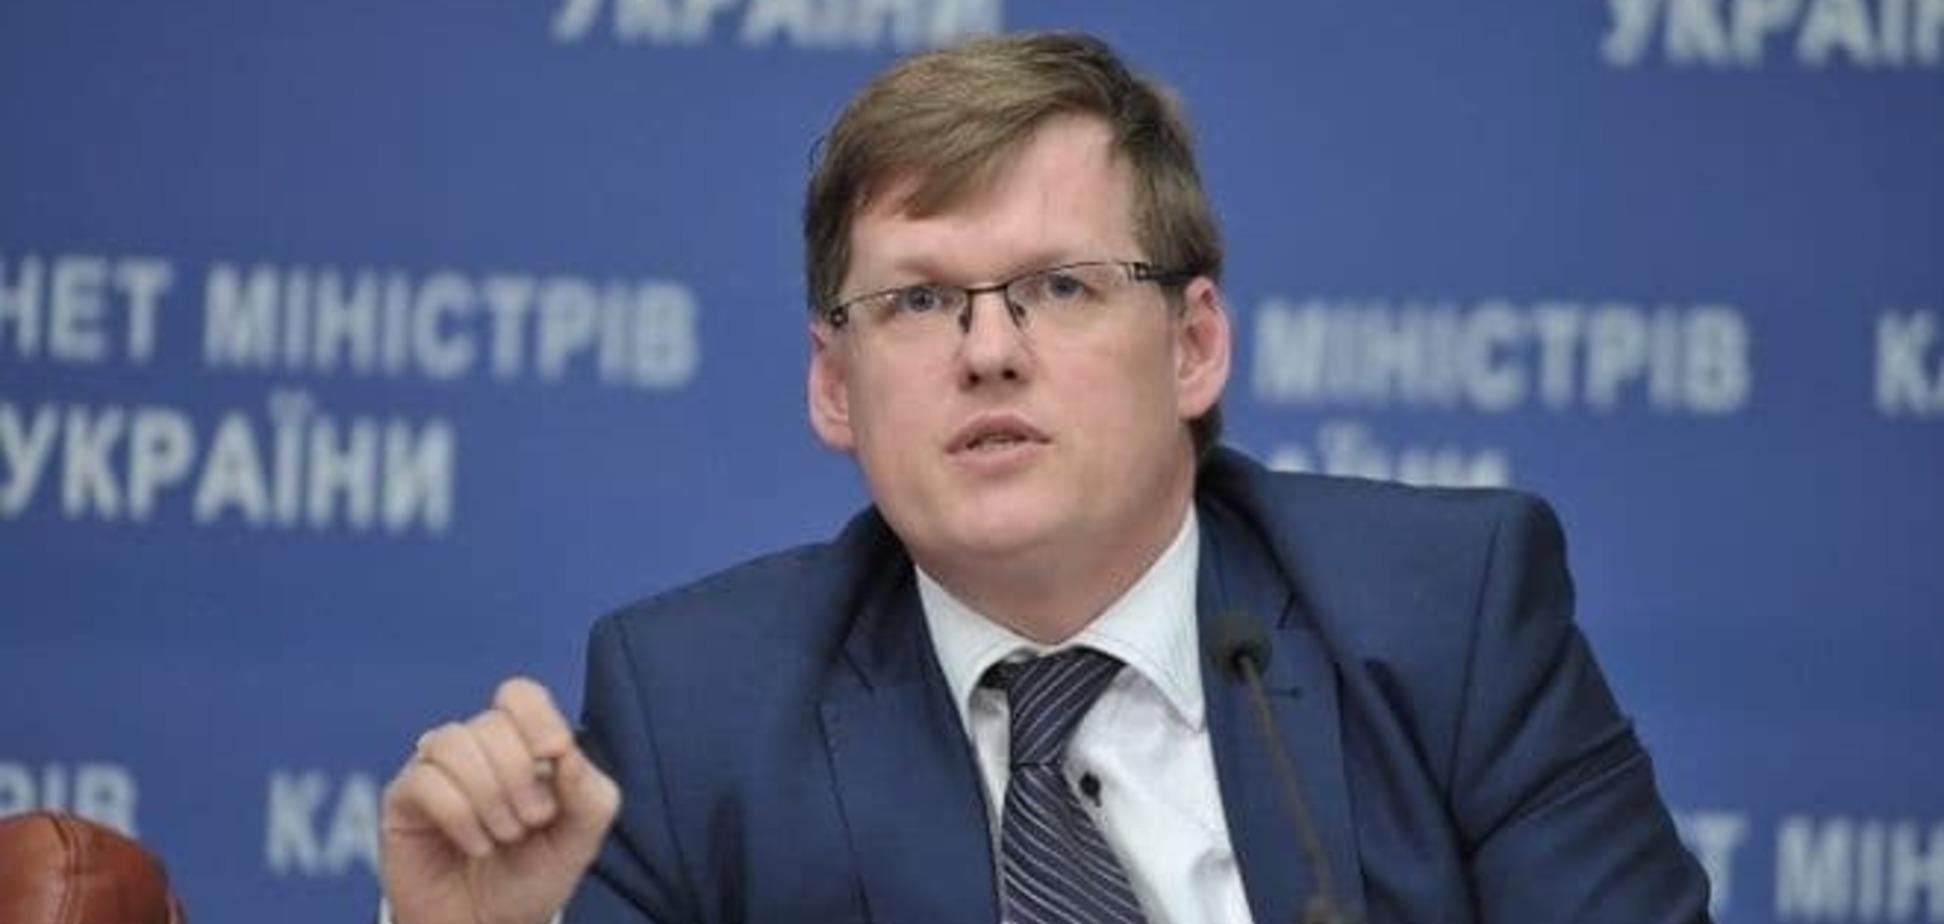 Павел Розенко: под лозунгом 'отменяем трудовые' - судьбы миллионов людей